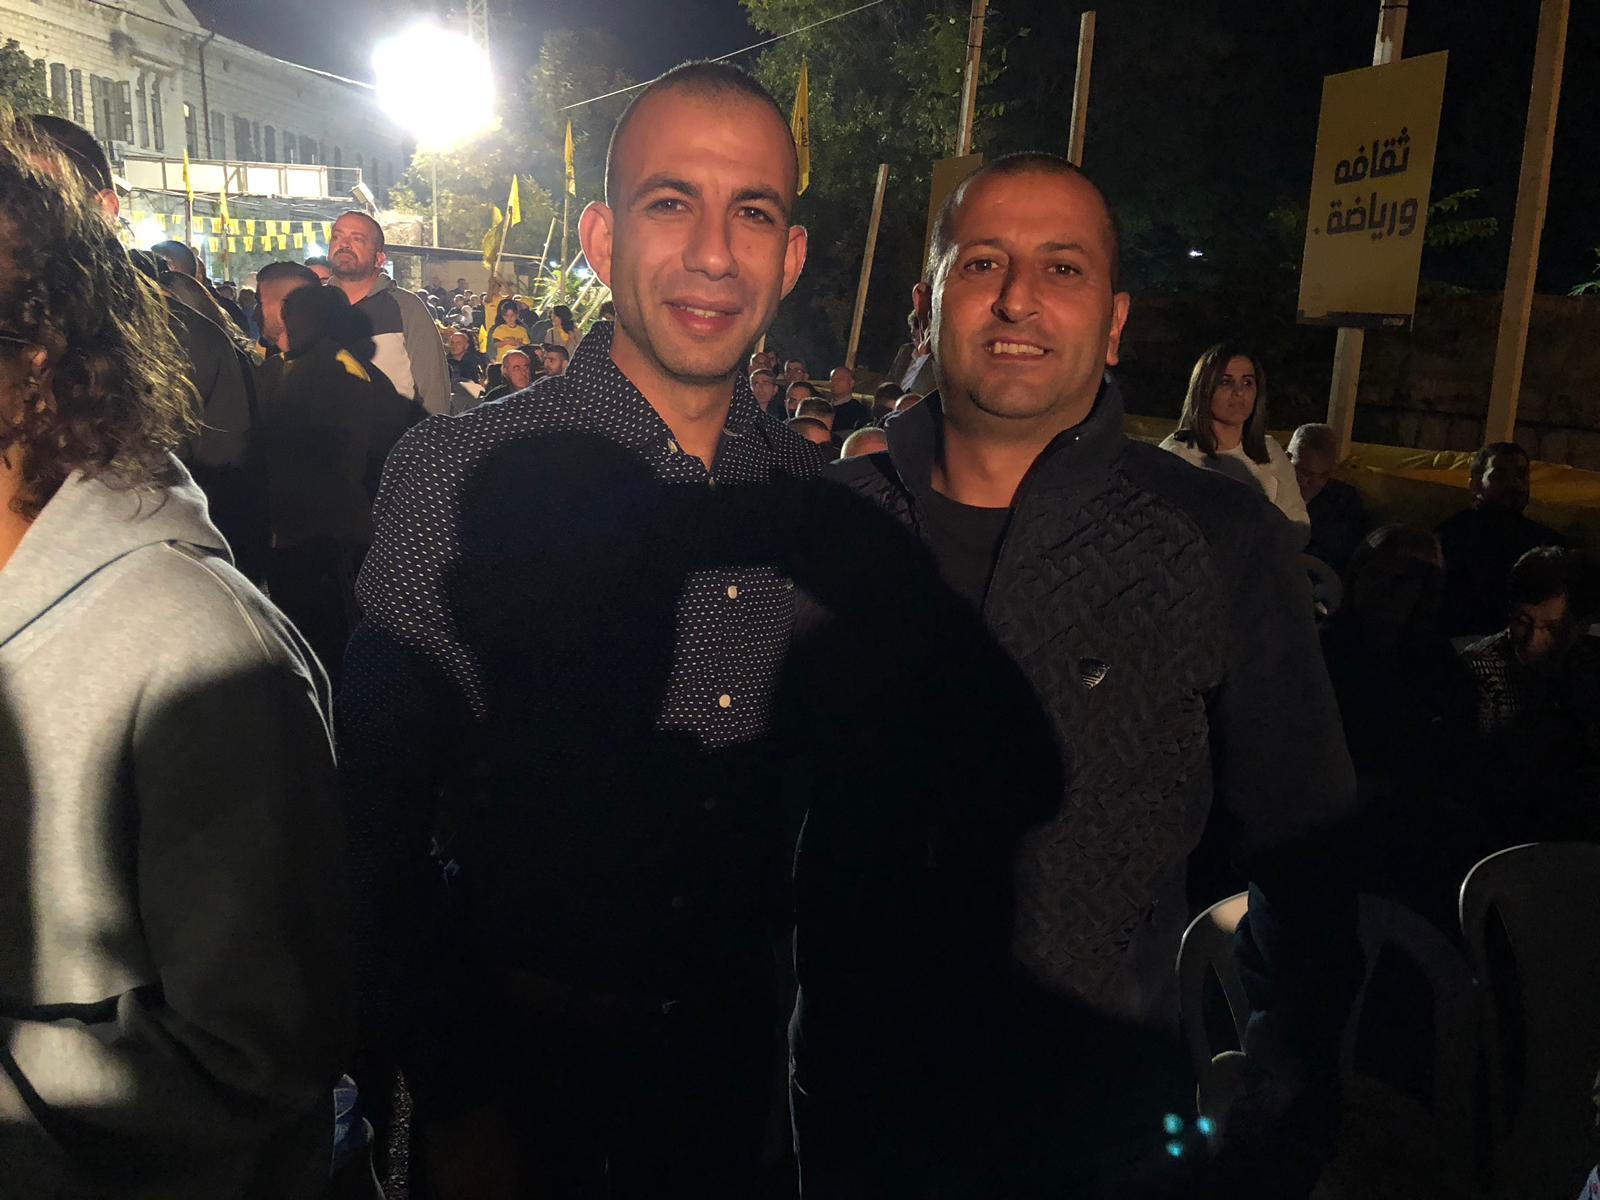 الناصرة: آلاف يشاركون في مهرجان مرشح الرئاسة العفيفي